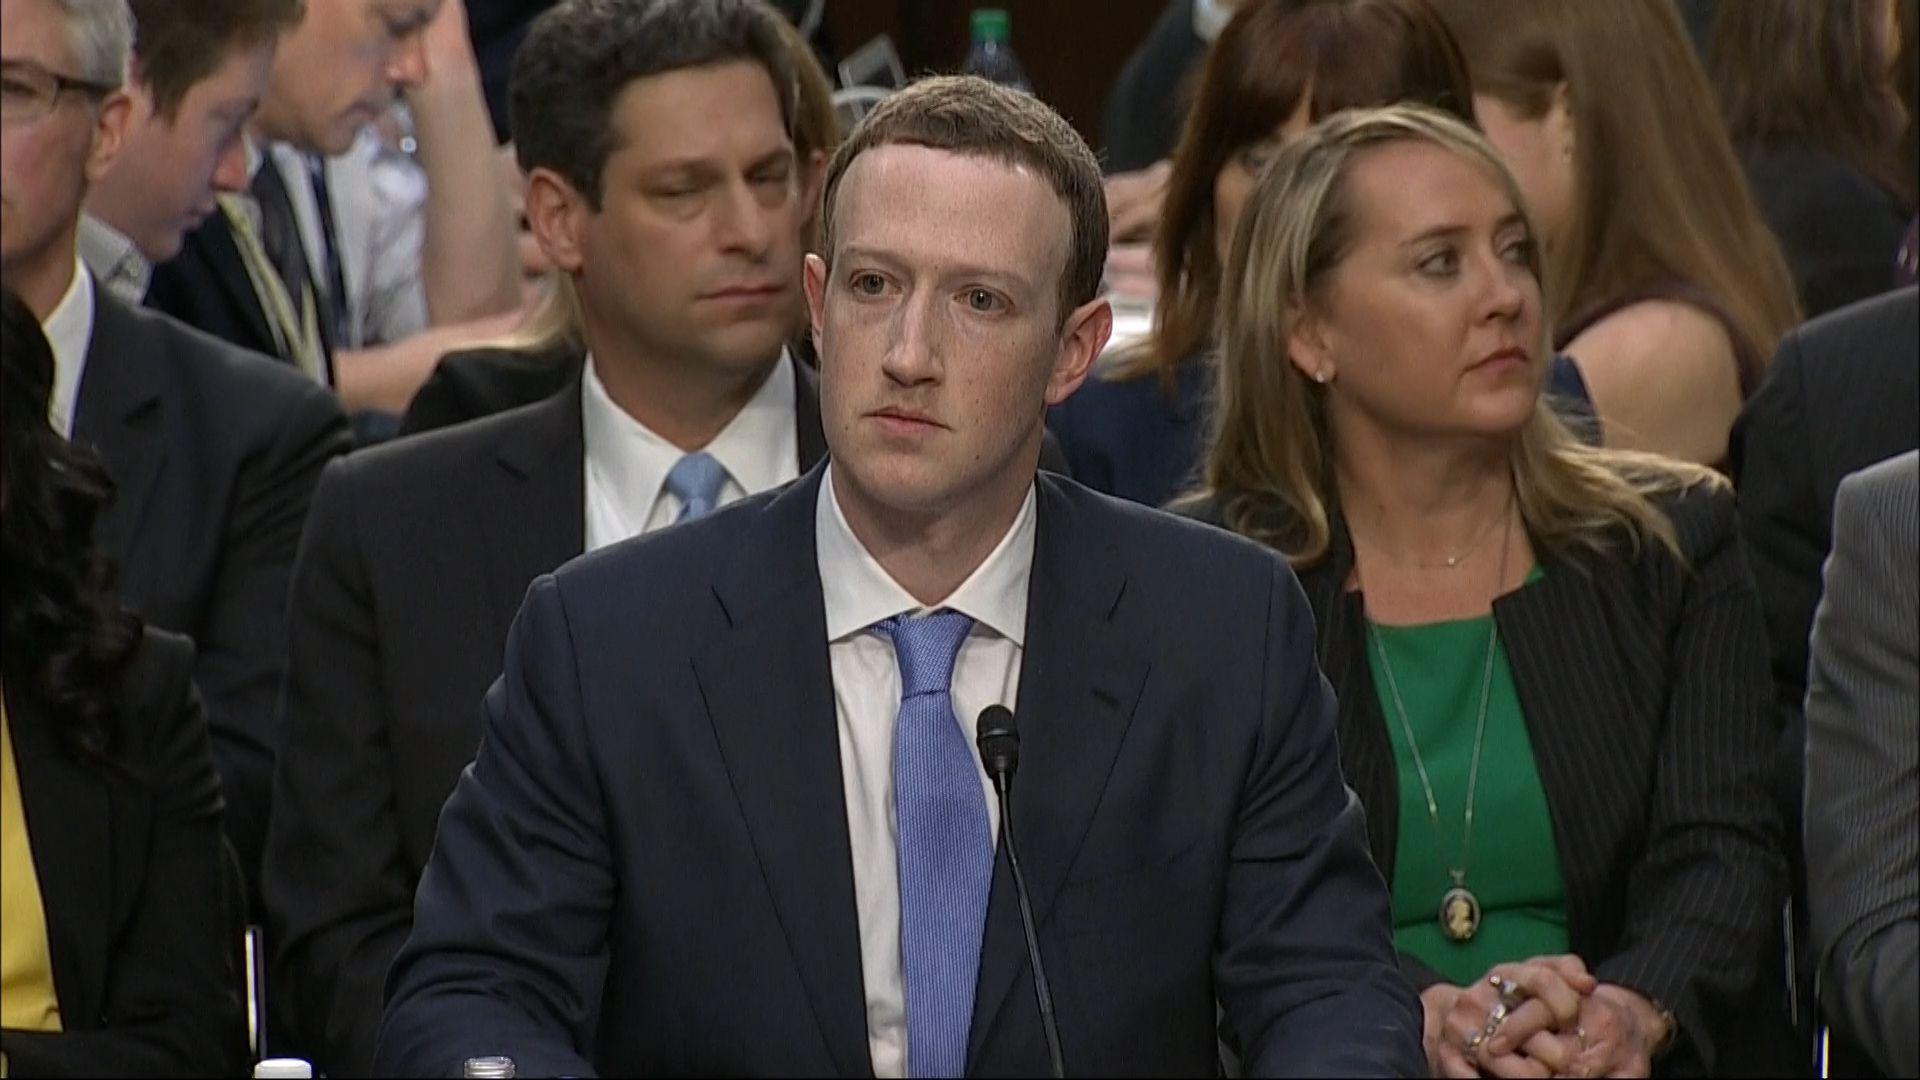 Mark_Zuckerberg_Testimony.01_41_33_17.Still001